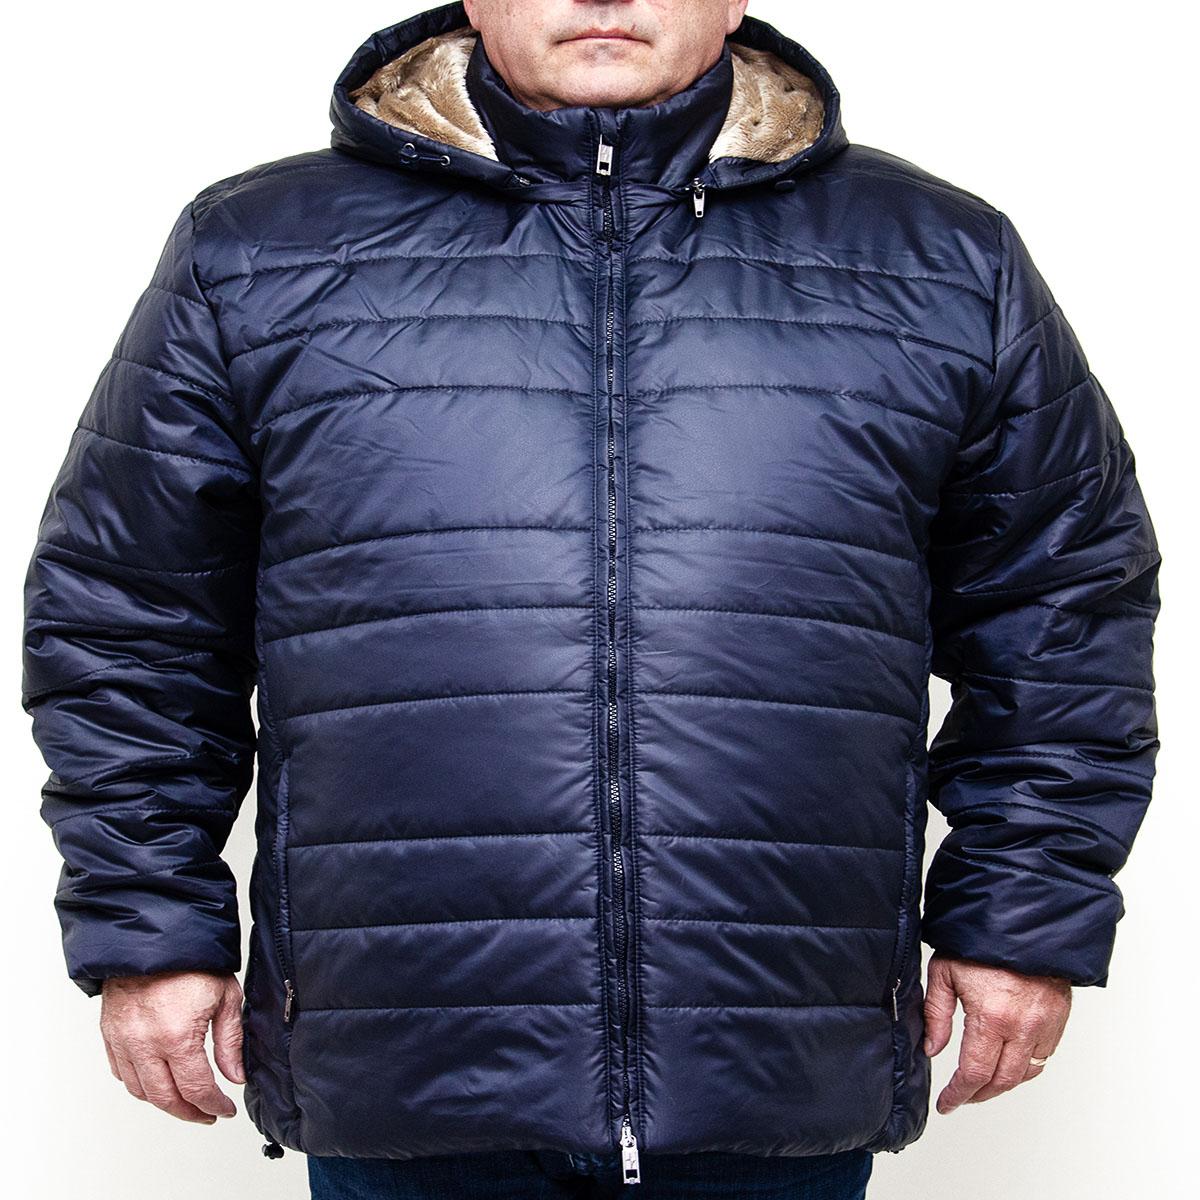 Geaca de iarna bleumarin cu gluga din fas , Marime 7XL - egato.ro